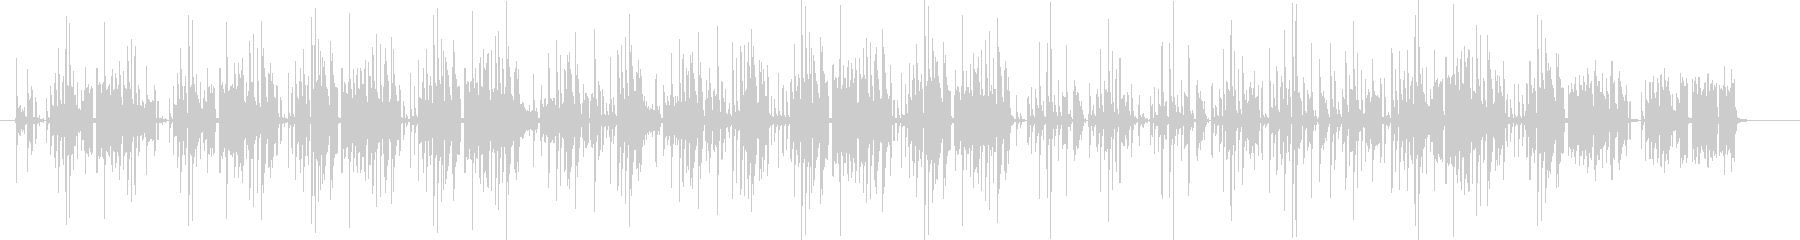 映像音楽的なファンク。適度な軽快さと映…の未再生の波形